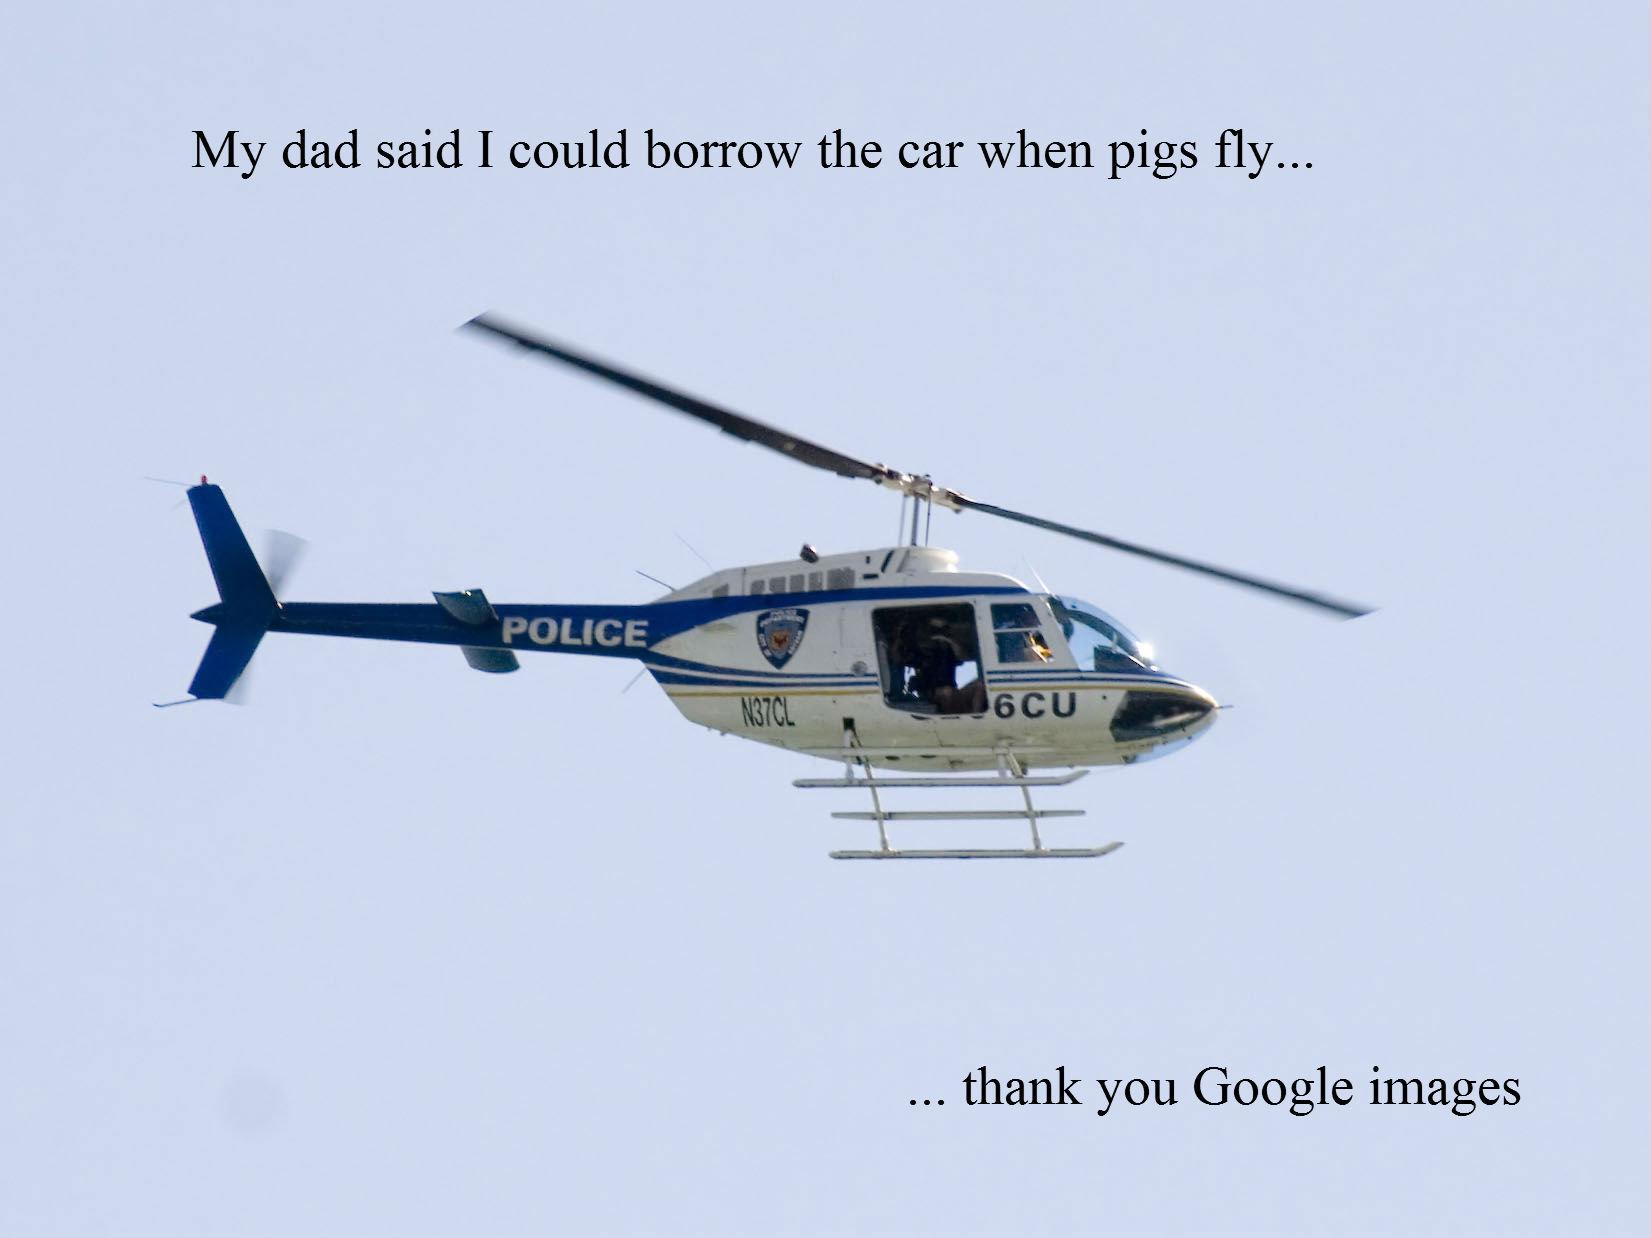 When Pigs Fly Meme 47568 Usbdata